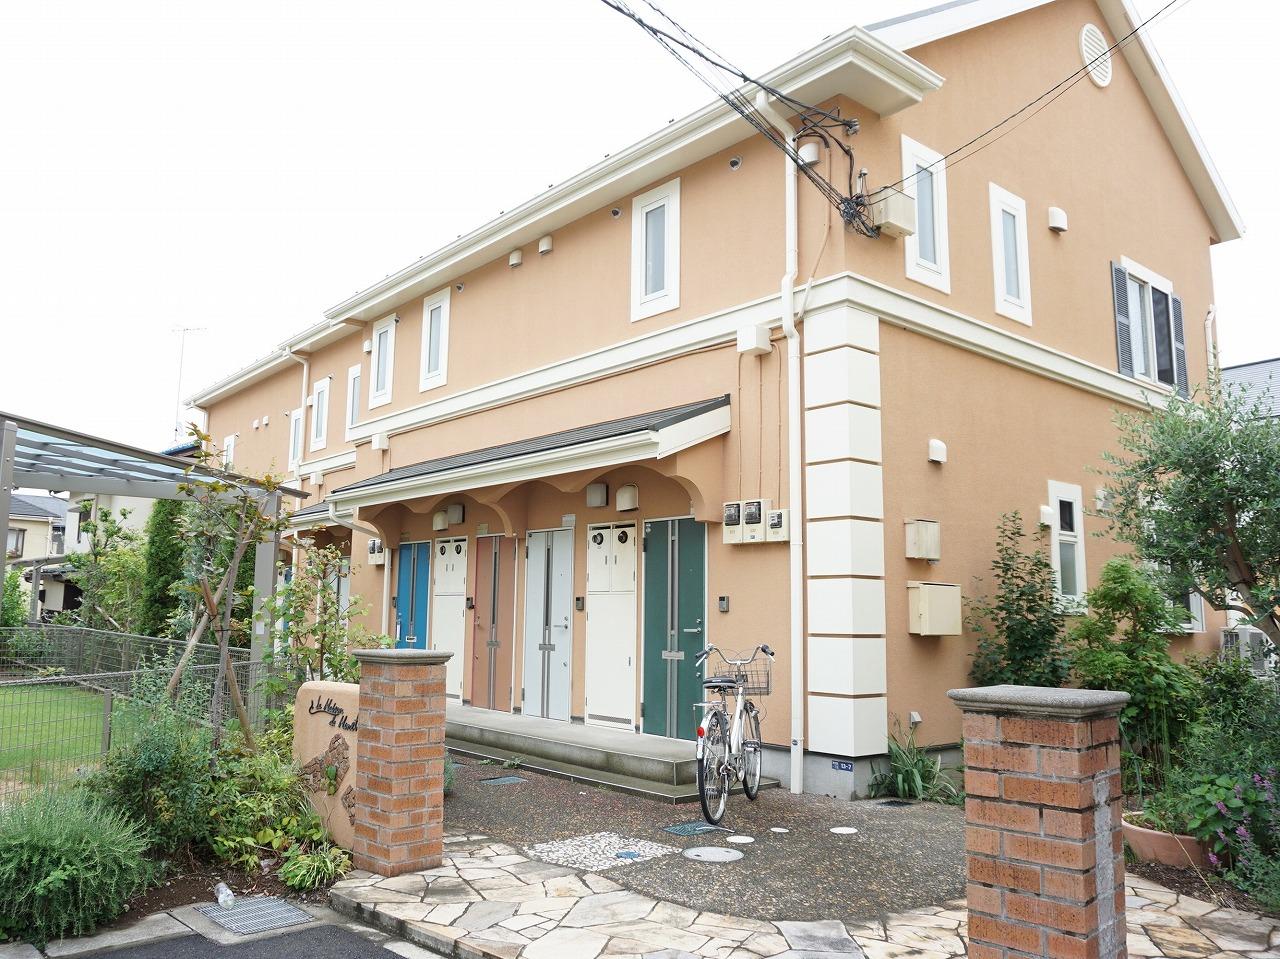 ペットと住める1Kアパート 三井ホーム施工 新柏駅から徒歩9分